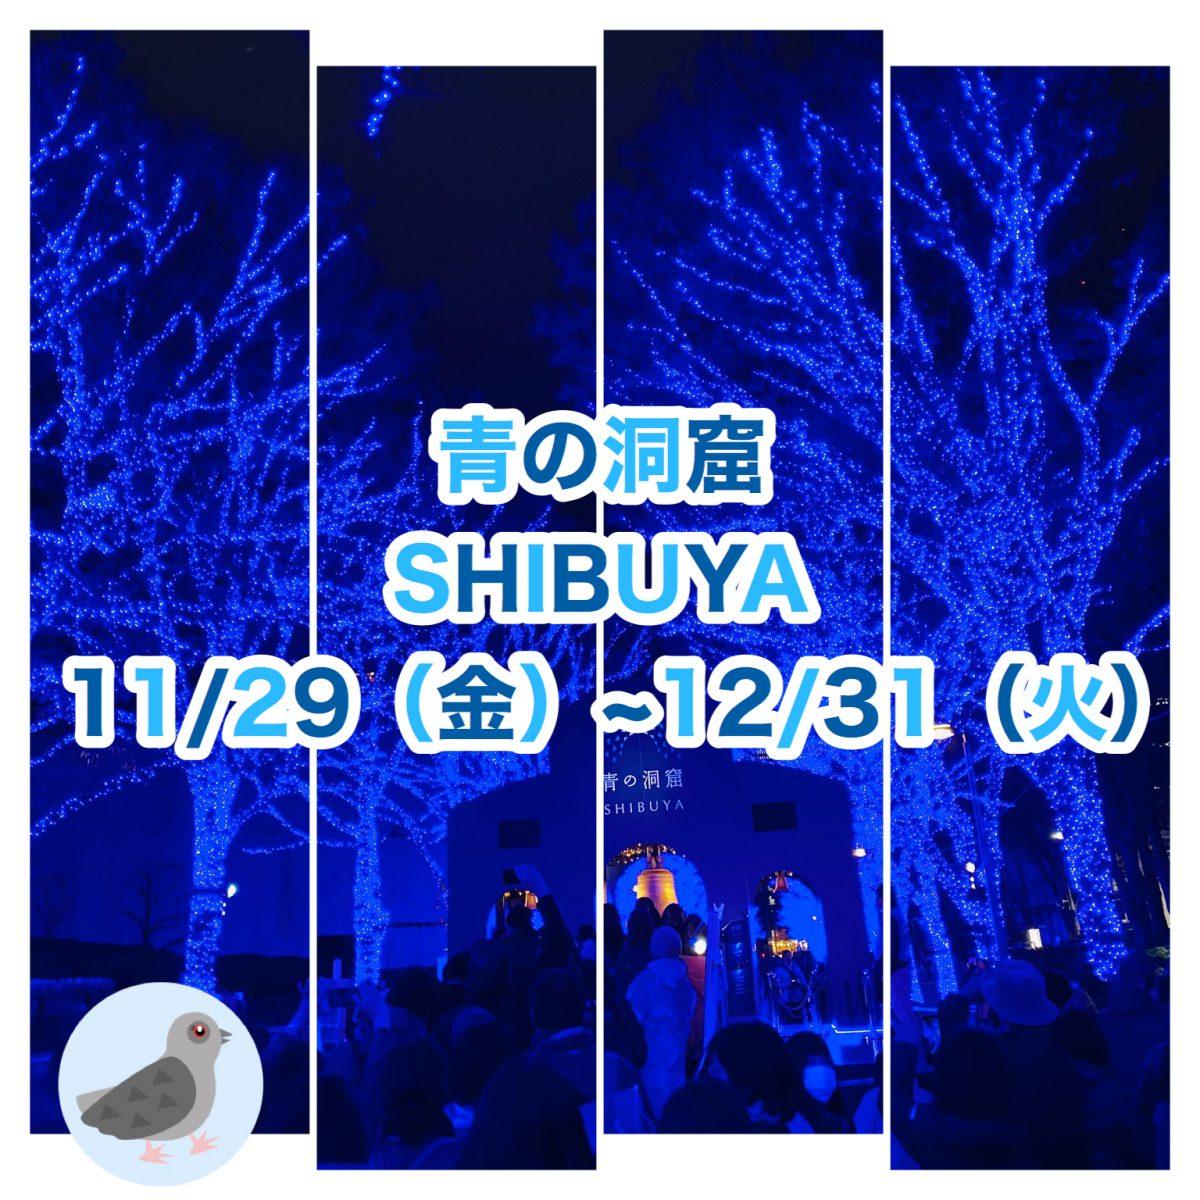 【青の洞窟】渋谷 2019【イルミネーション】